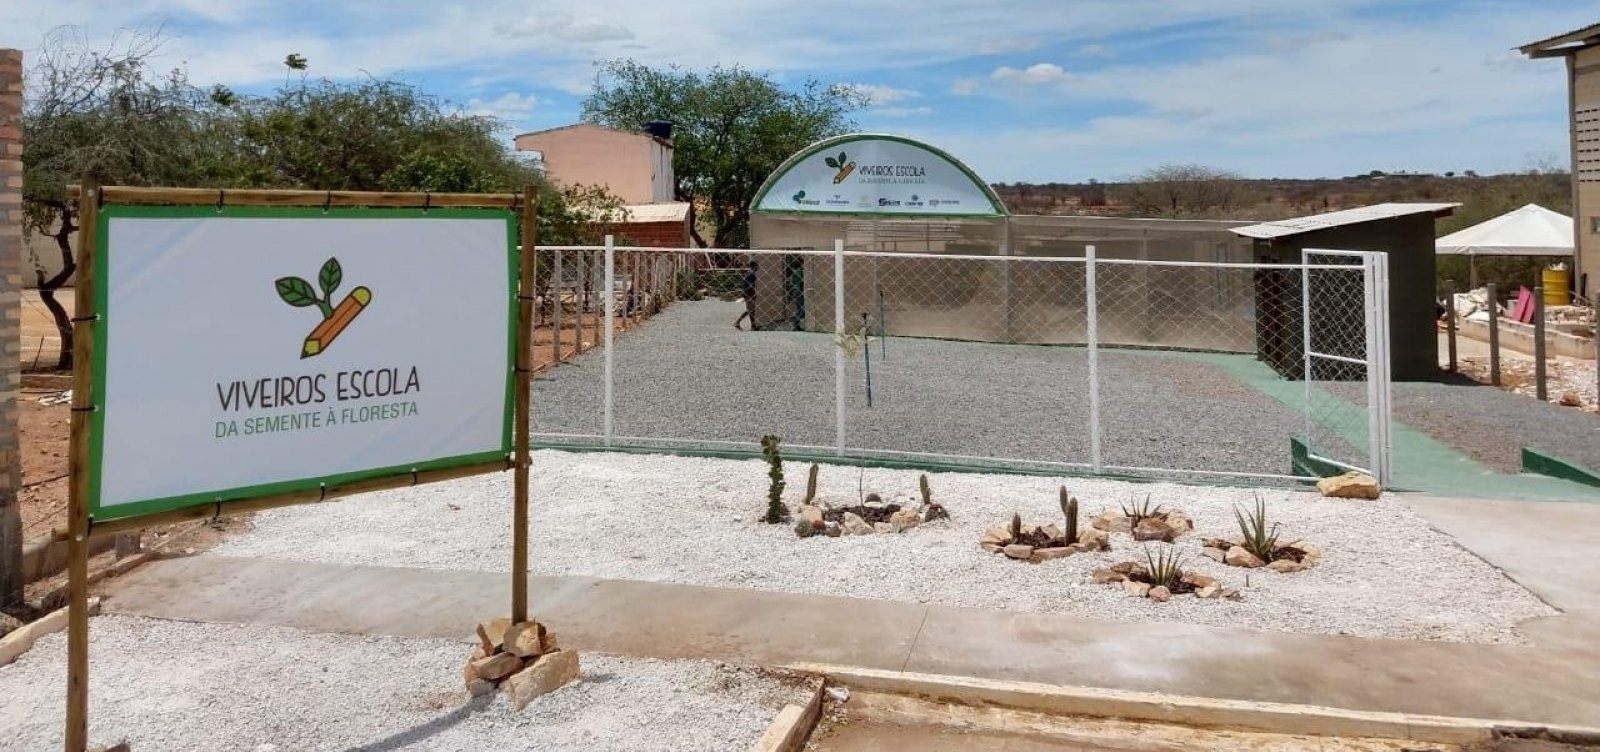 Ourolândia: Viveiro-escola é inaugurado após acordo com MP-BA